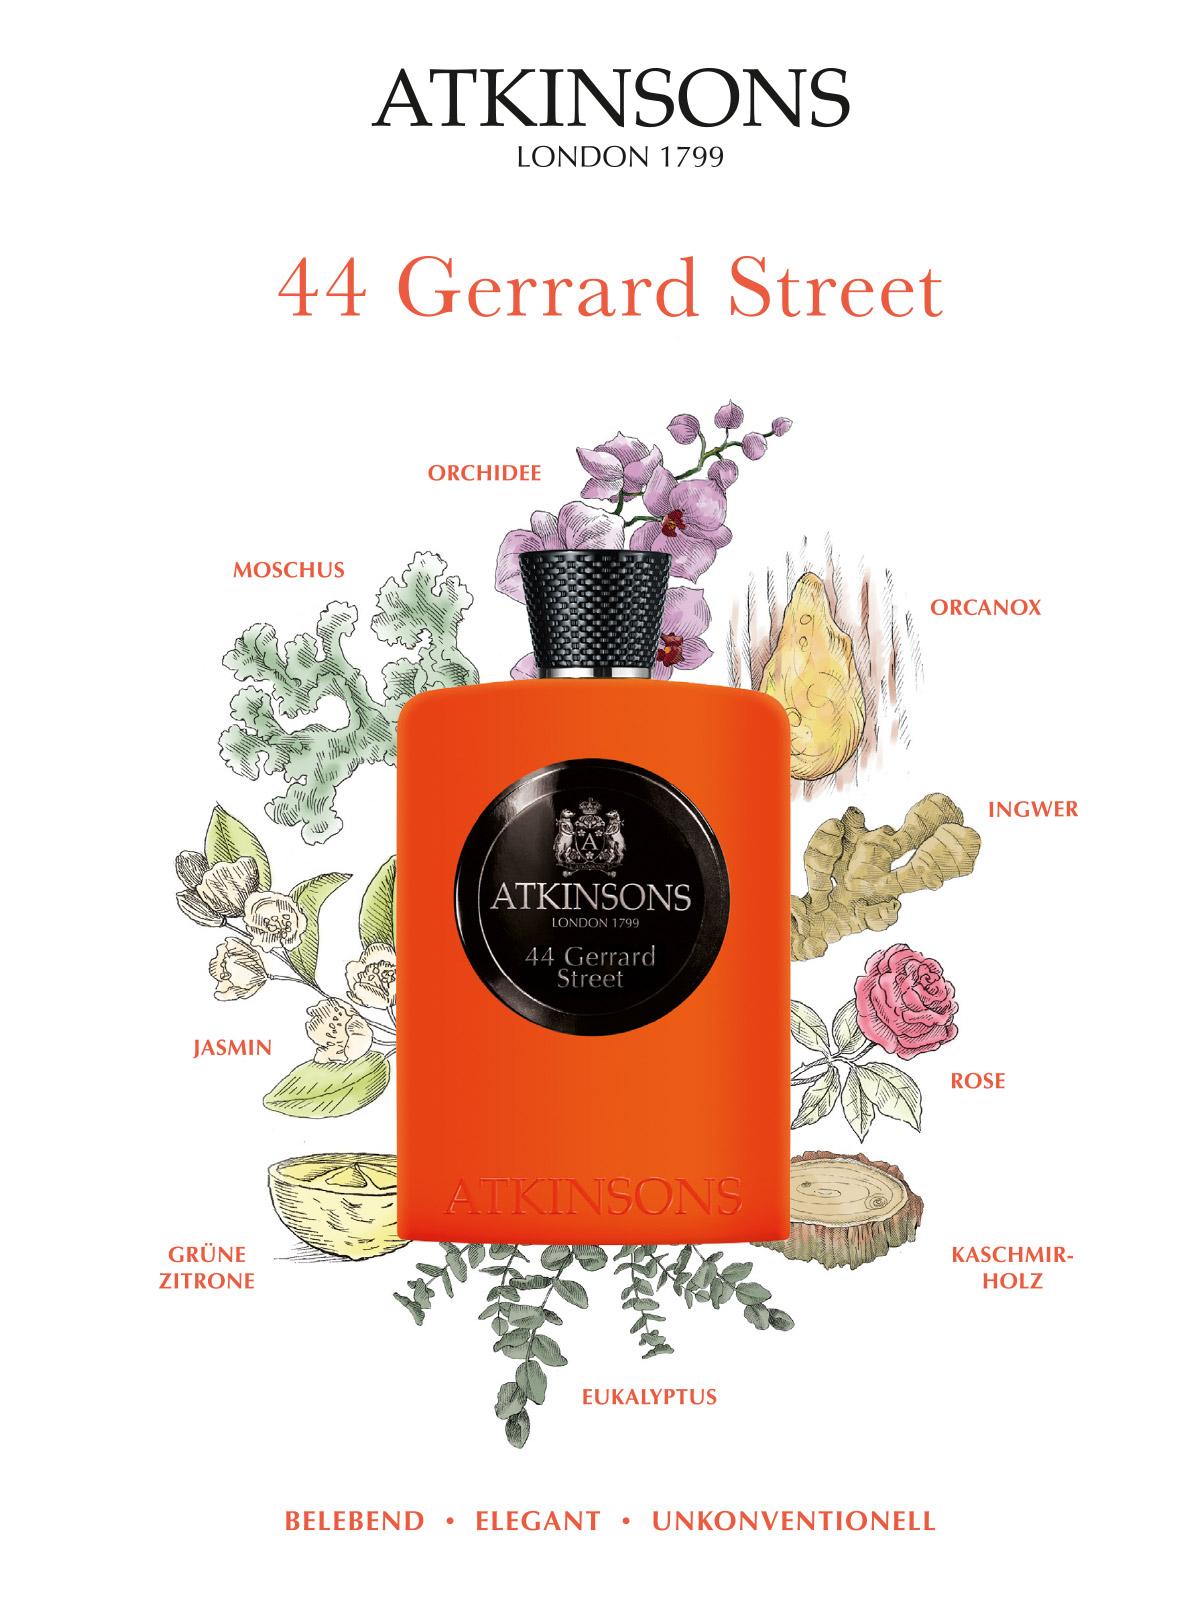 Ein Bild eines Atkinson Parfume Visuals